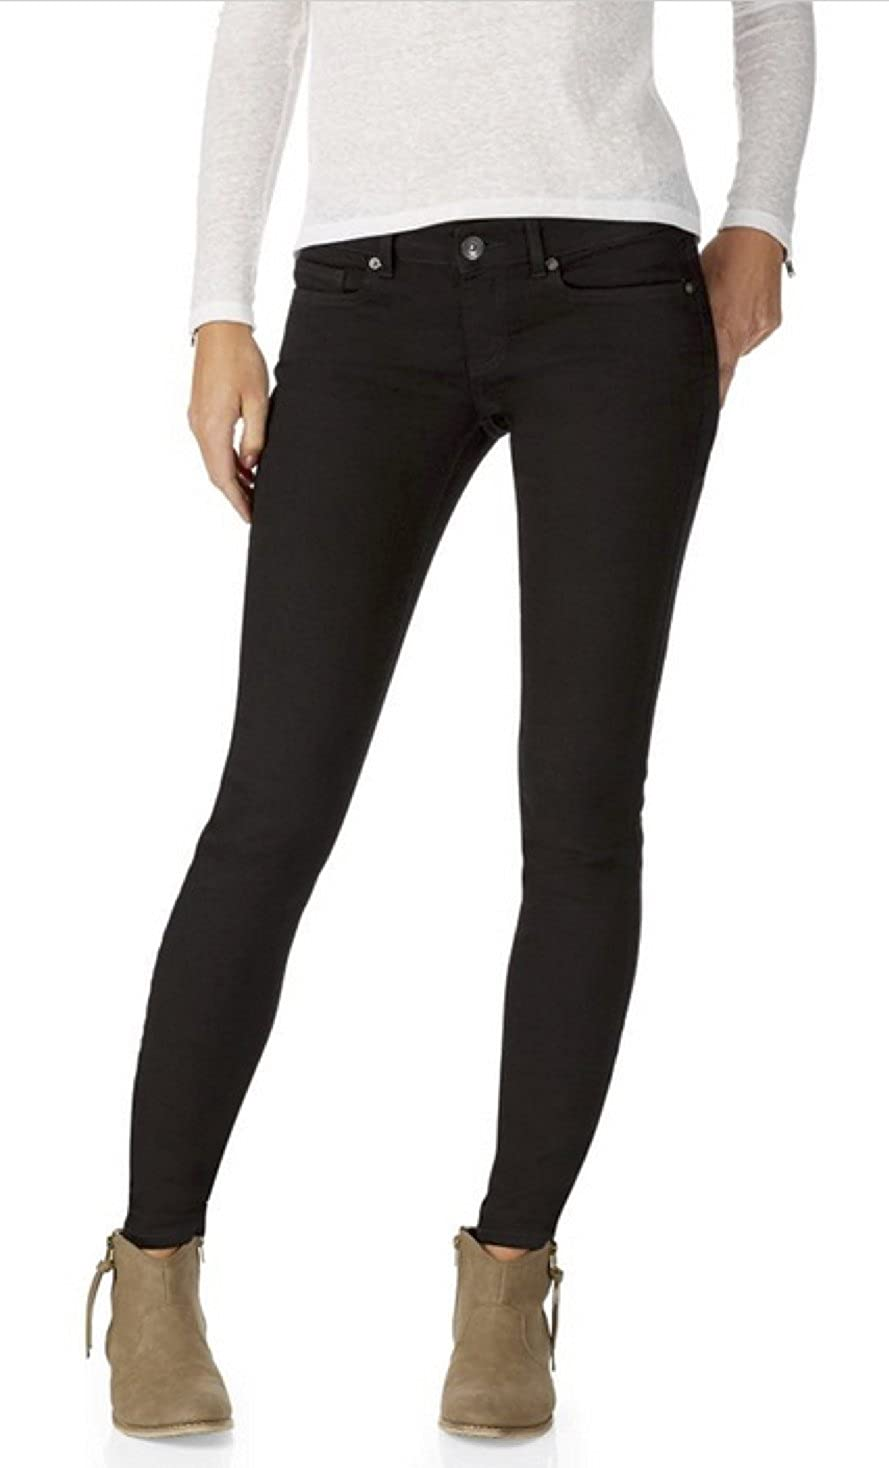 Aeropostale Pantalones Vaqueros Para Mujer Color Negro 10 Corto Negro Clothing Amazon Com